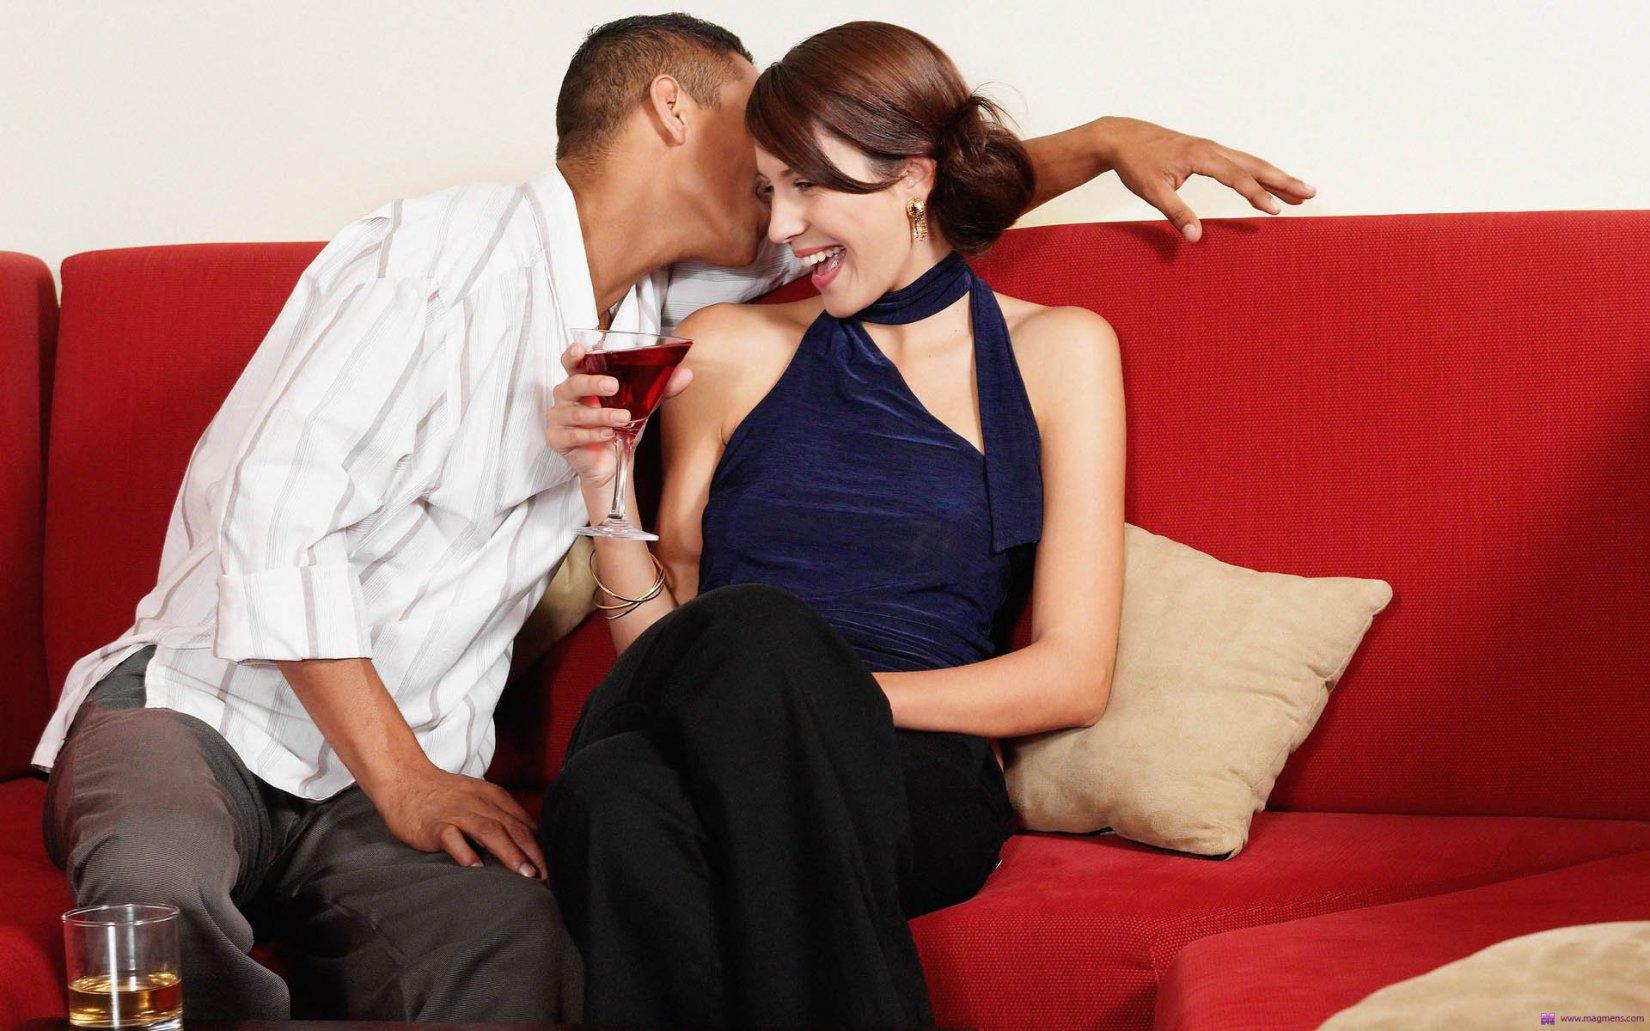 Сексуальные комплименты для девушки 19 фотография